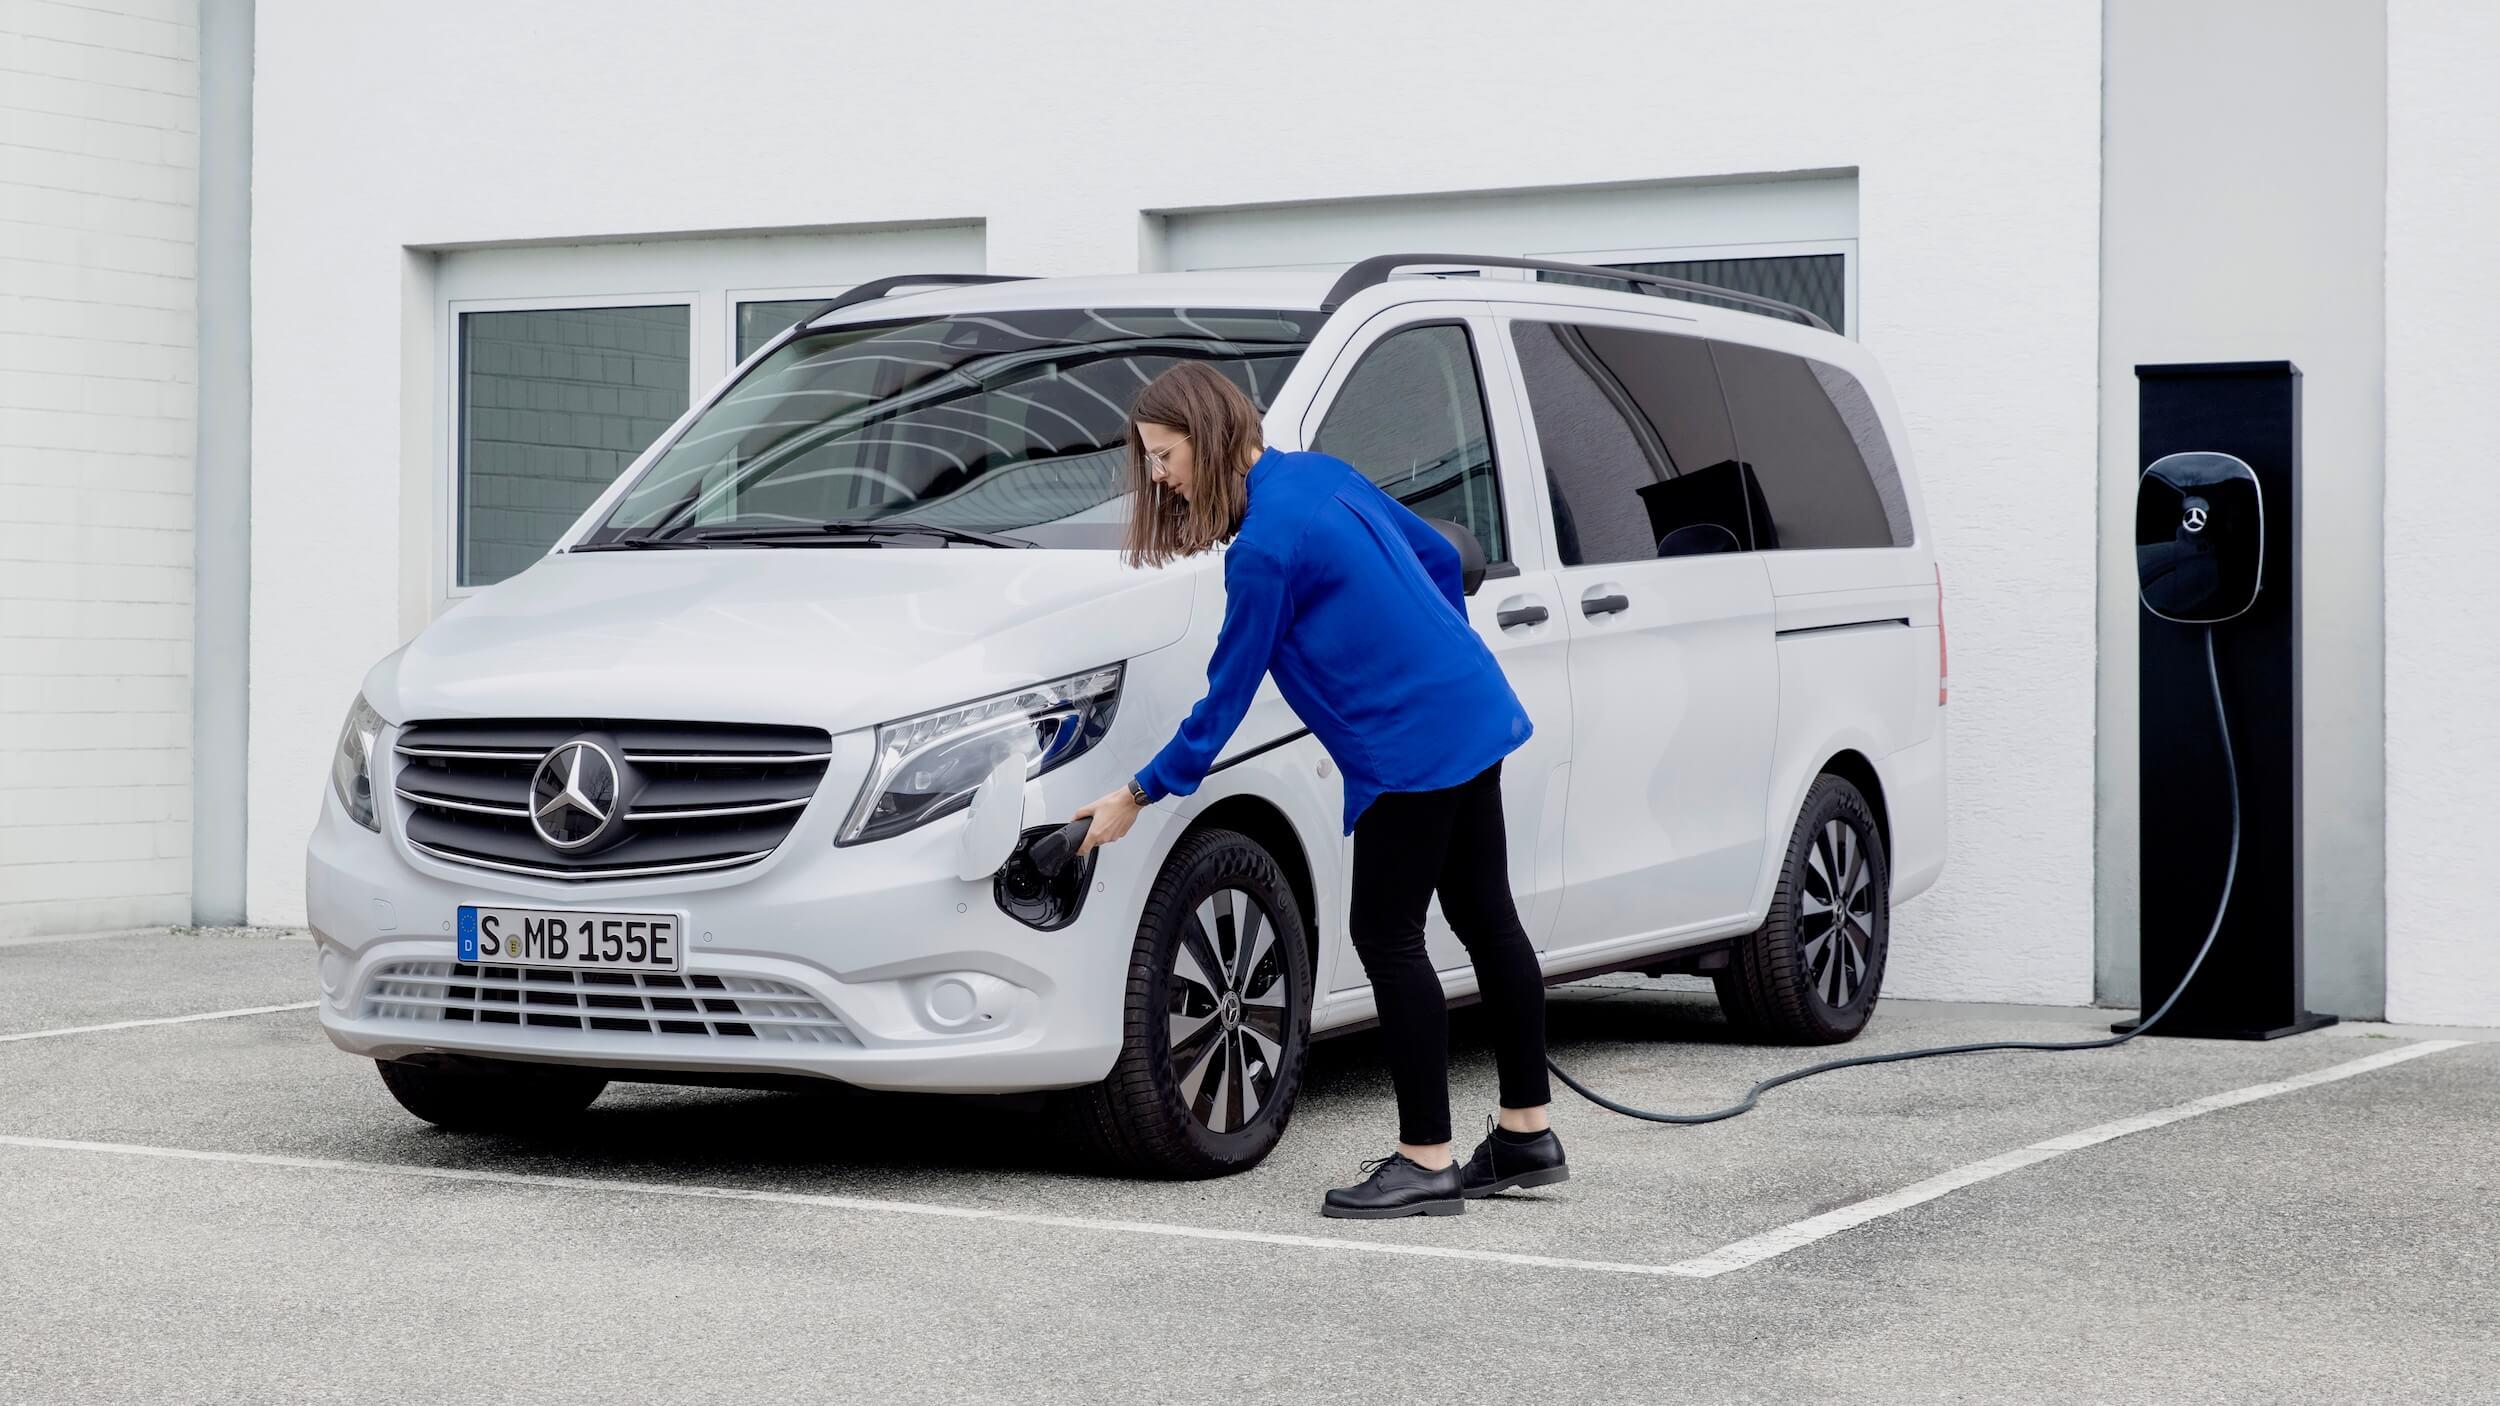 Elektrische Mercedes eVito Tourer aan laadpaal